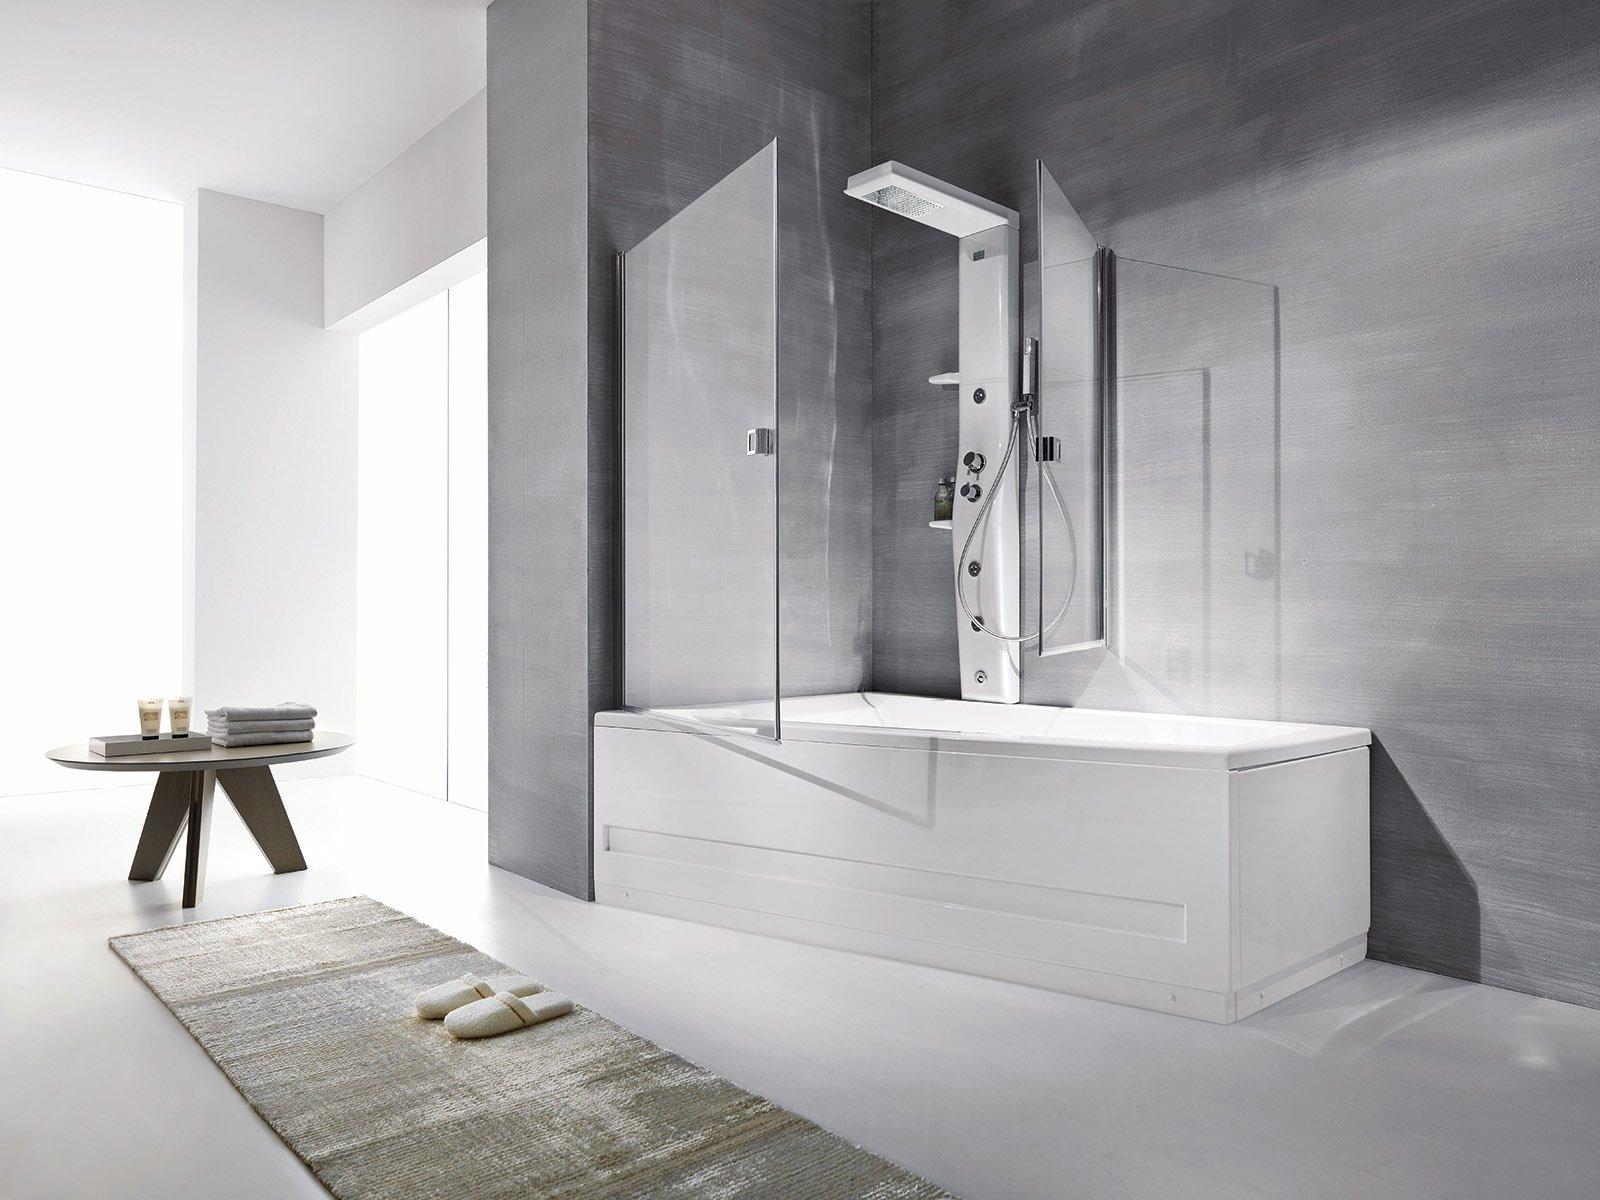 Vasca Da Bagno Hafro Modello Nova : Togliere vasca mettere doccia great vasche hafro geromin era plus